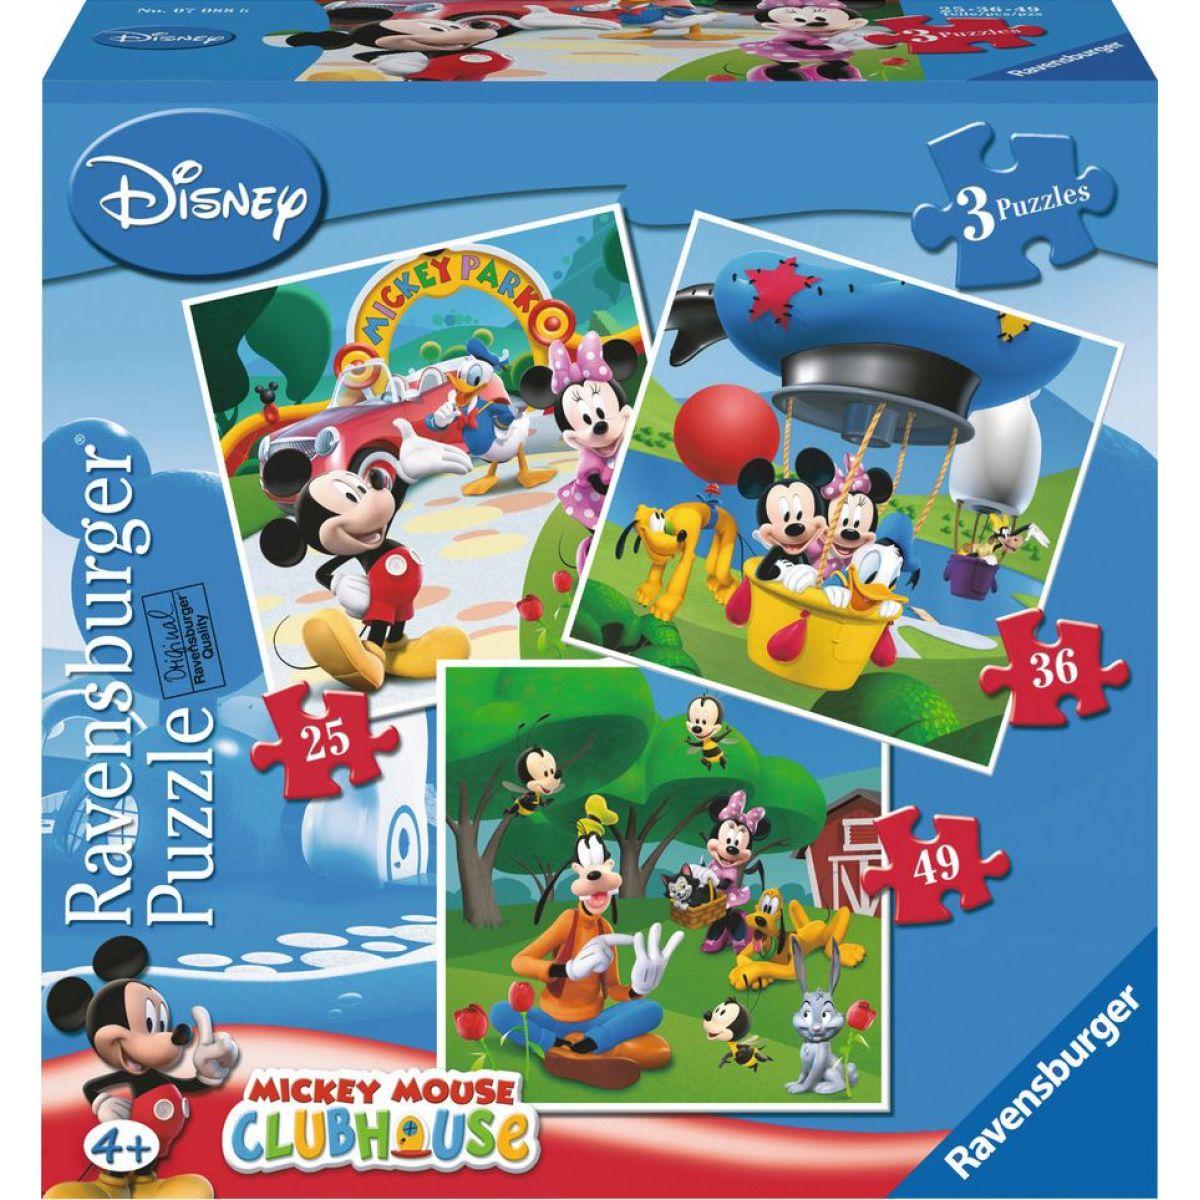 Ravensburger Disney Mickey v Parku puzzle 25,36,49 dílků